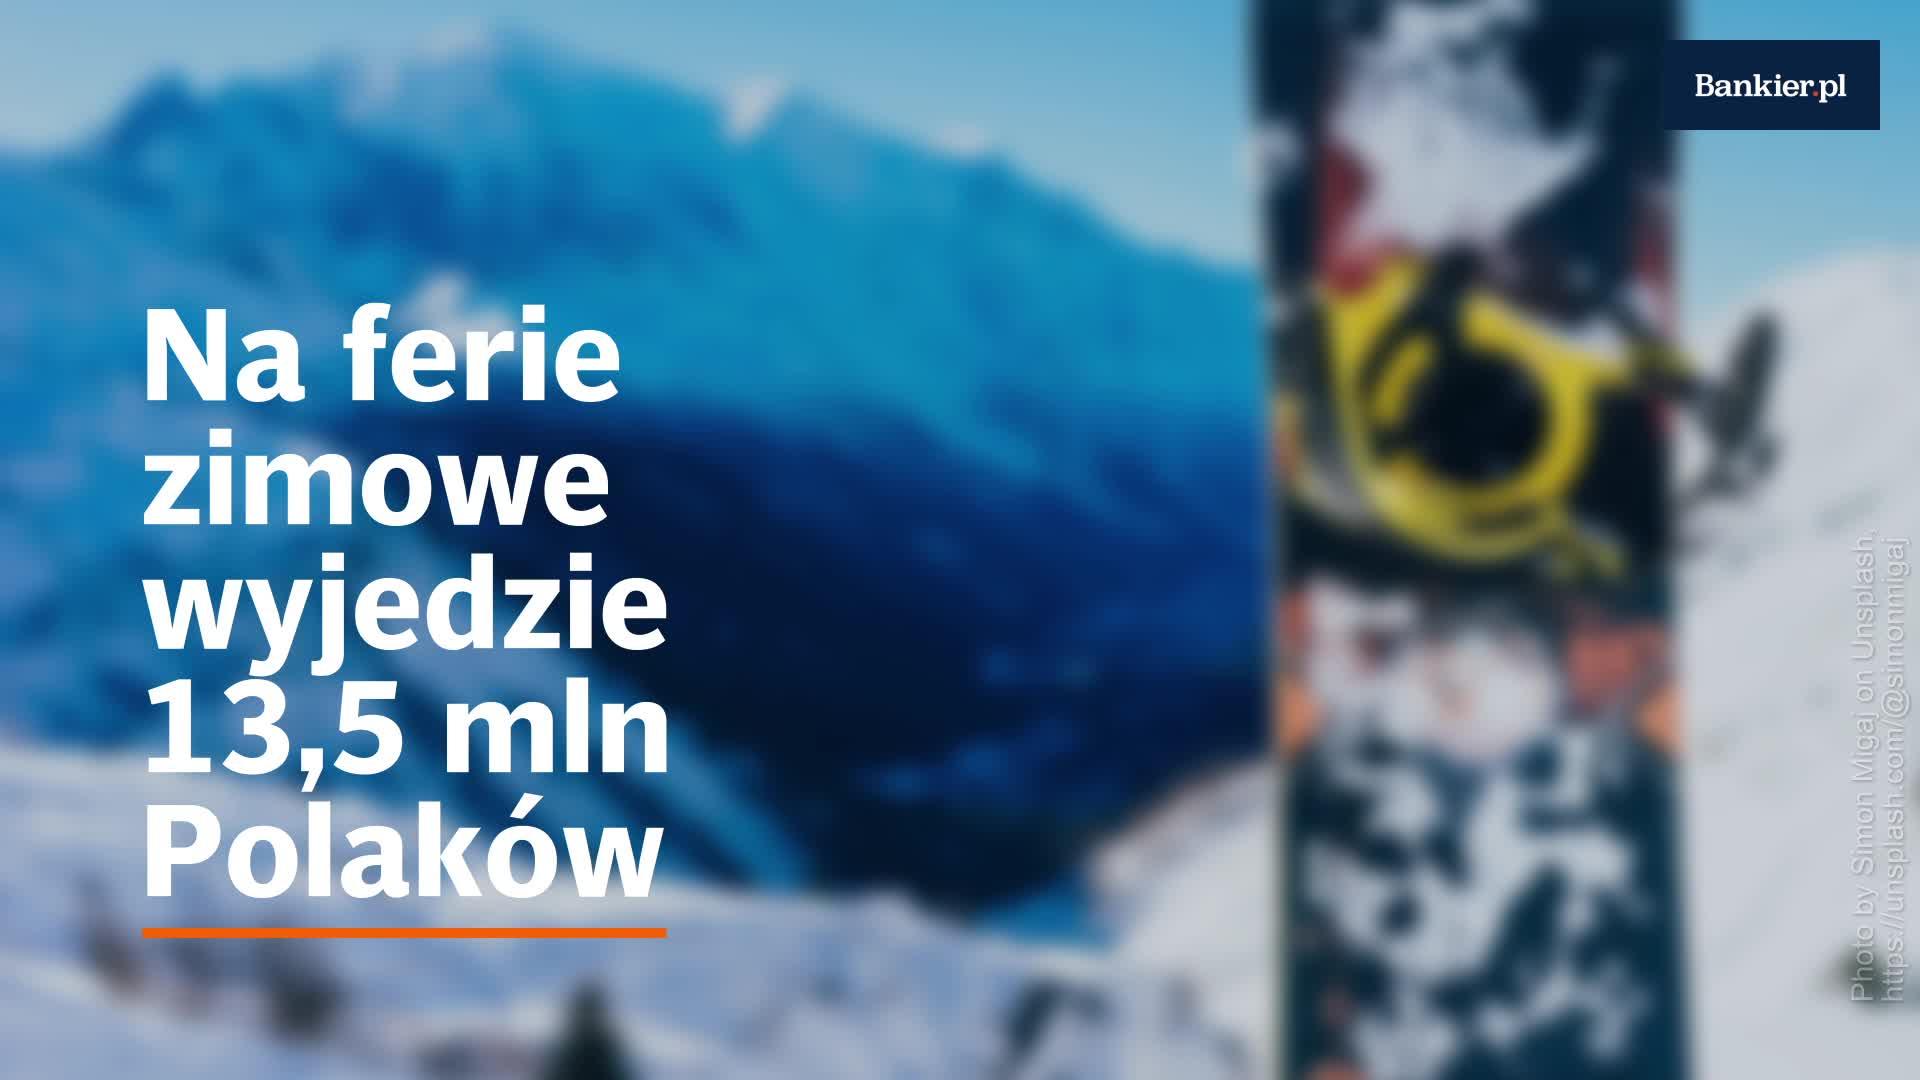 Na ferie zimowe wyjedzie 13,5 mln Polaków